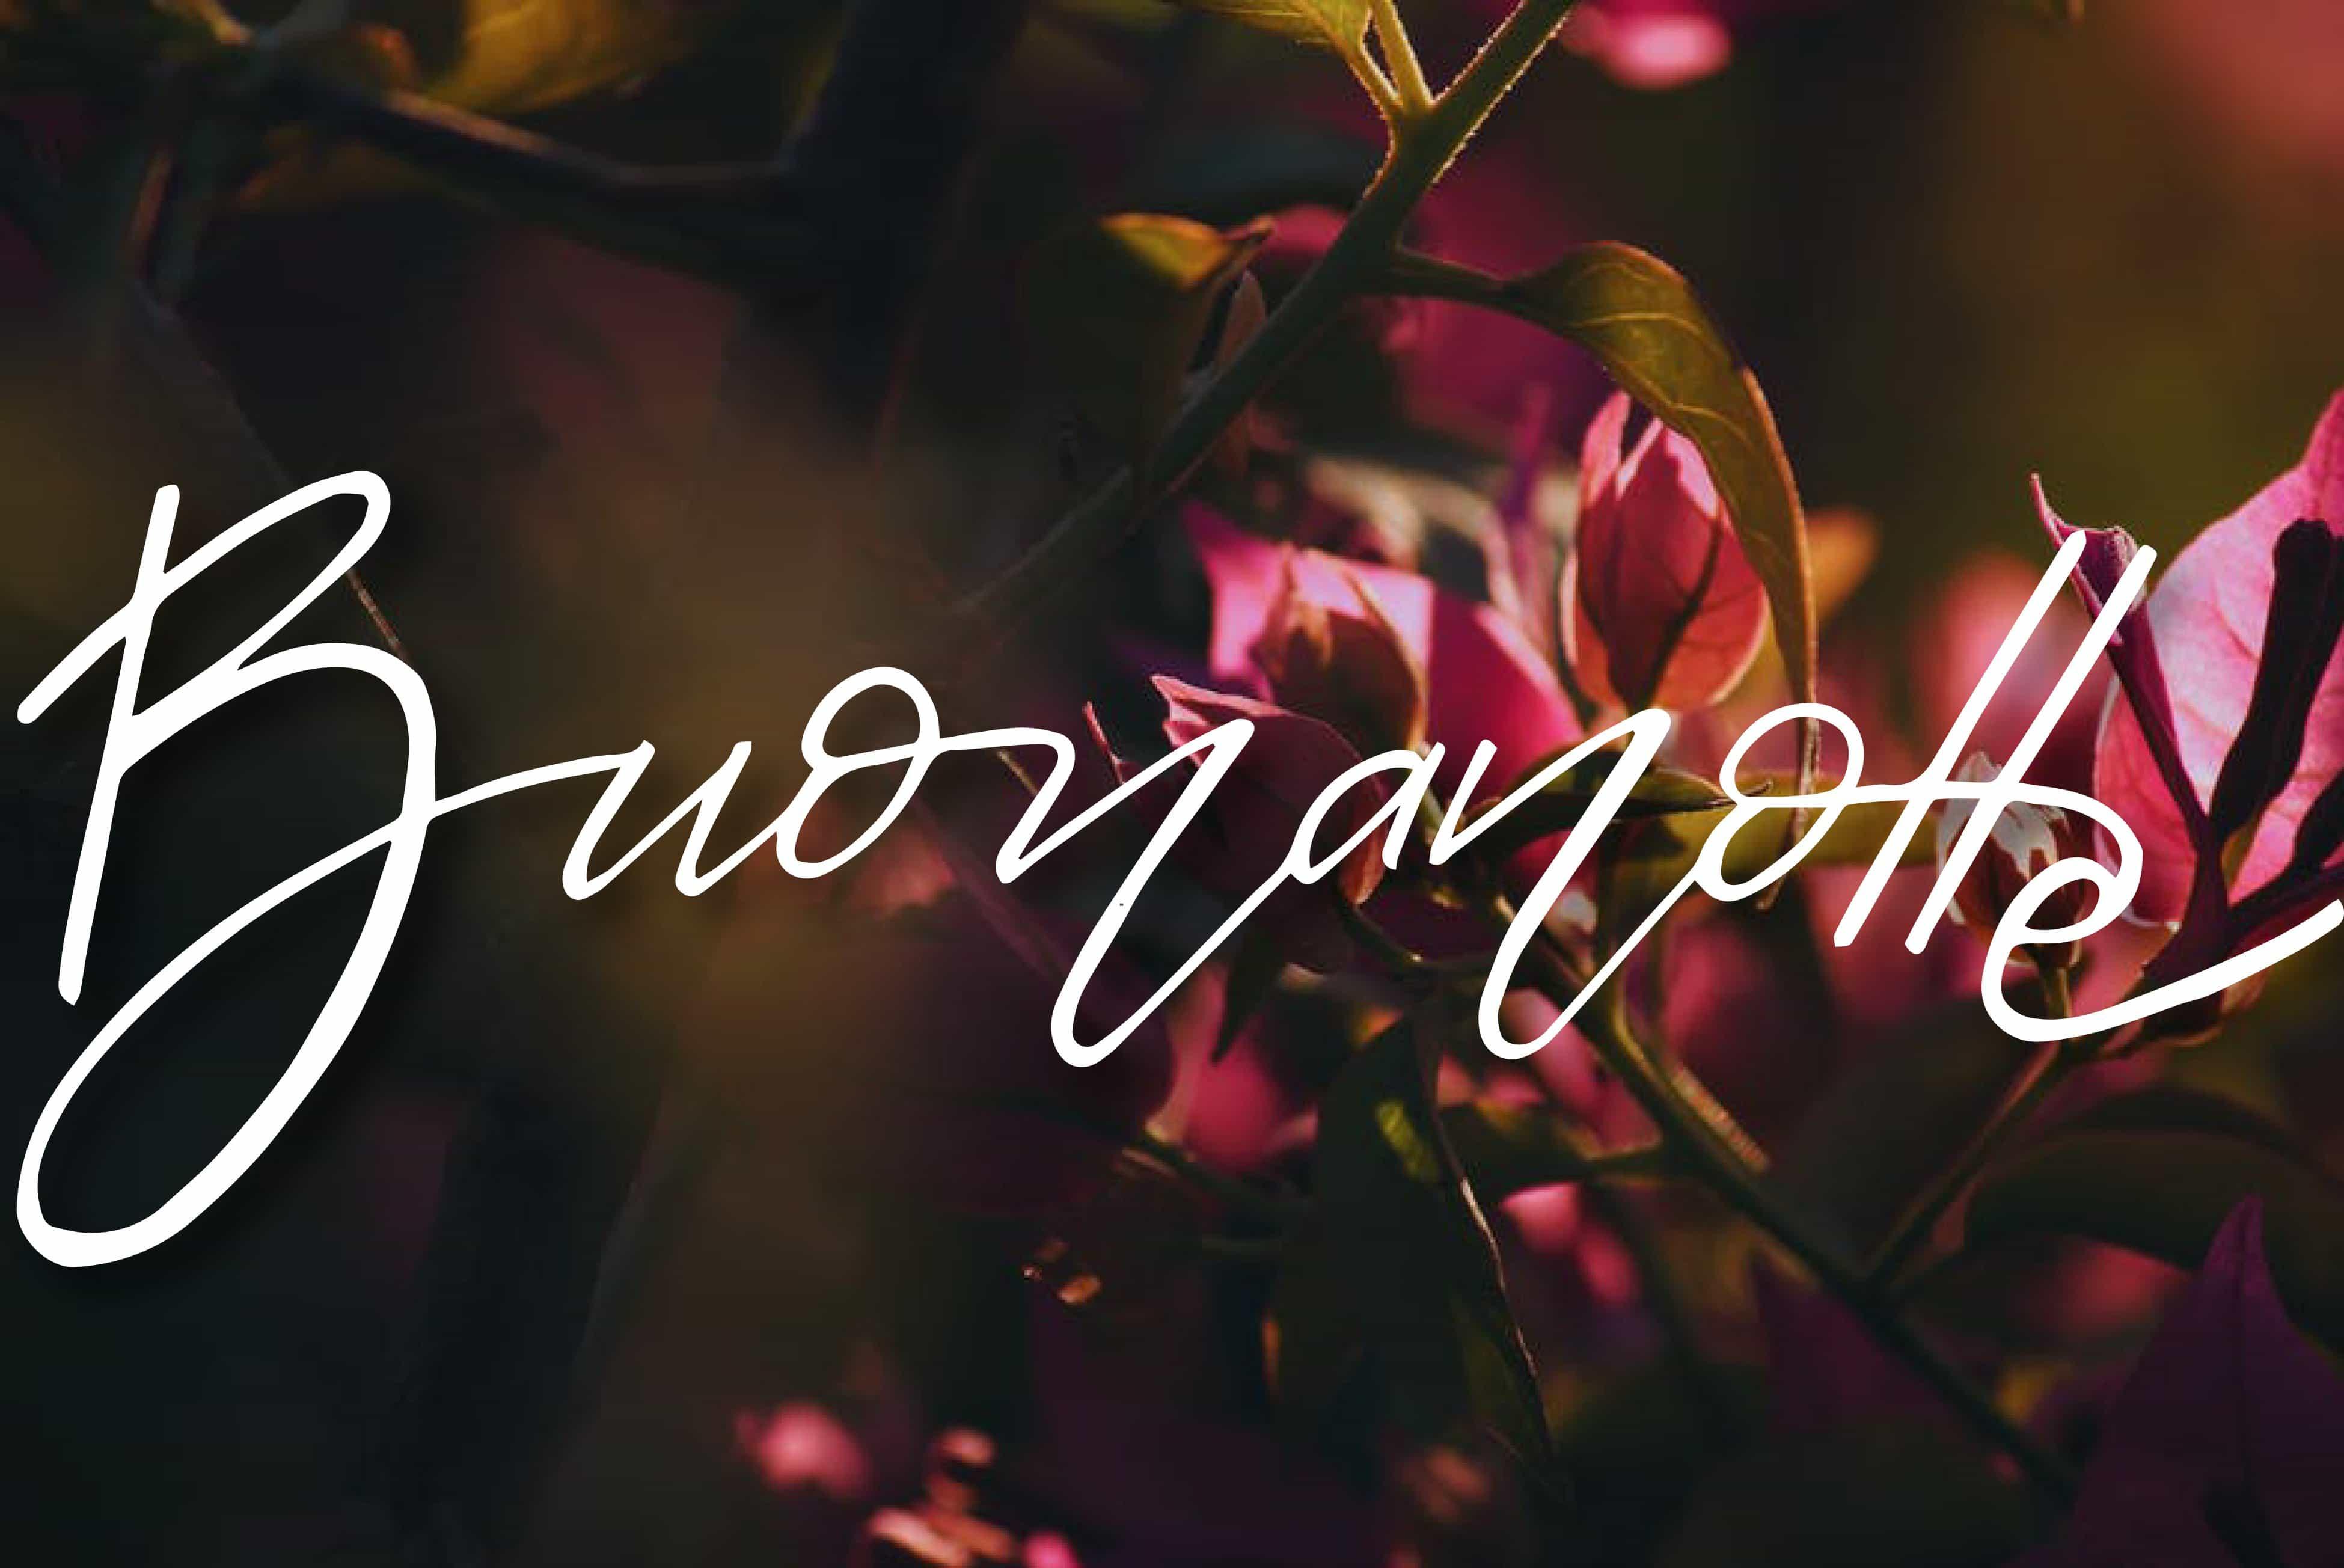 buonanotte con i fiori, buonanotte amore